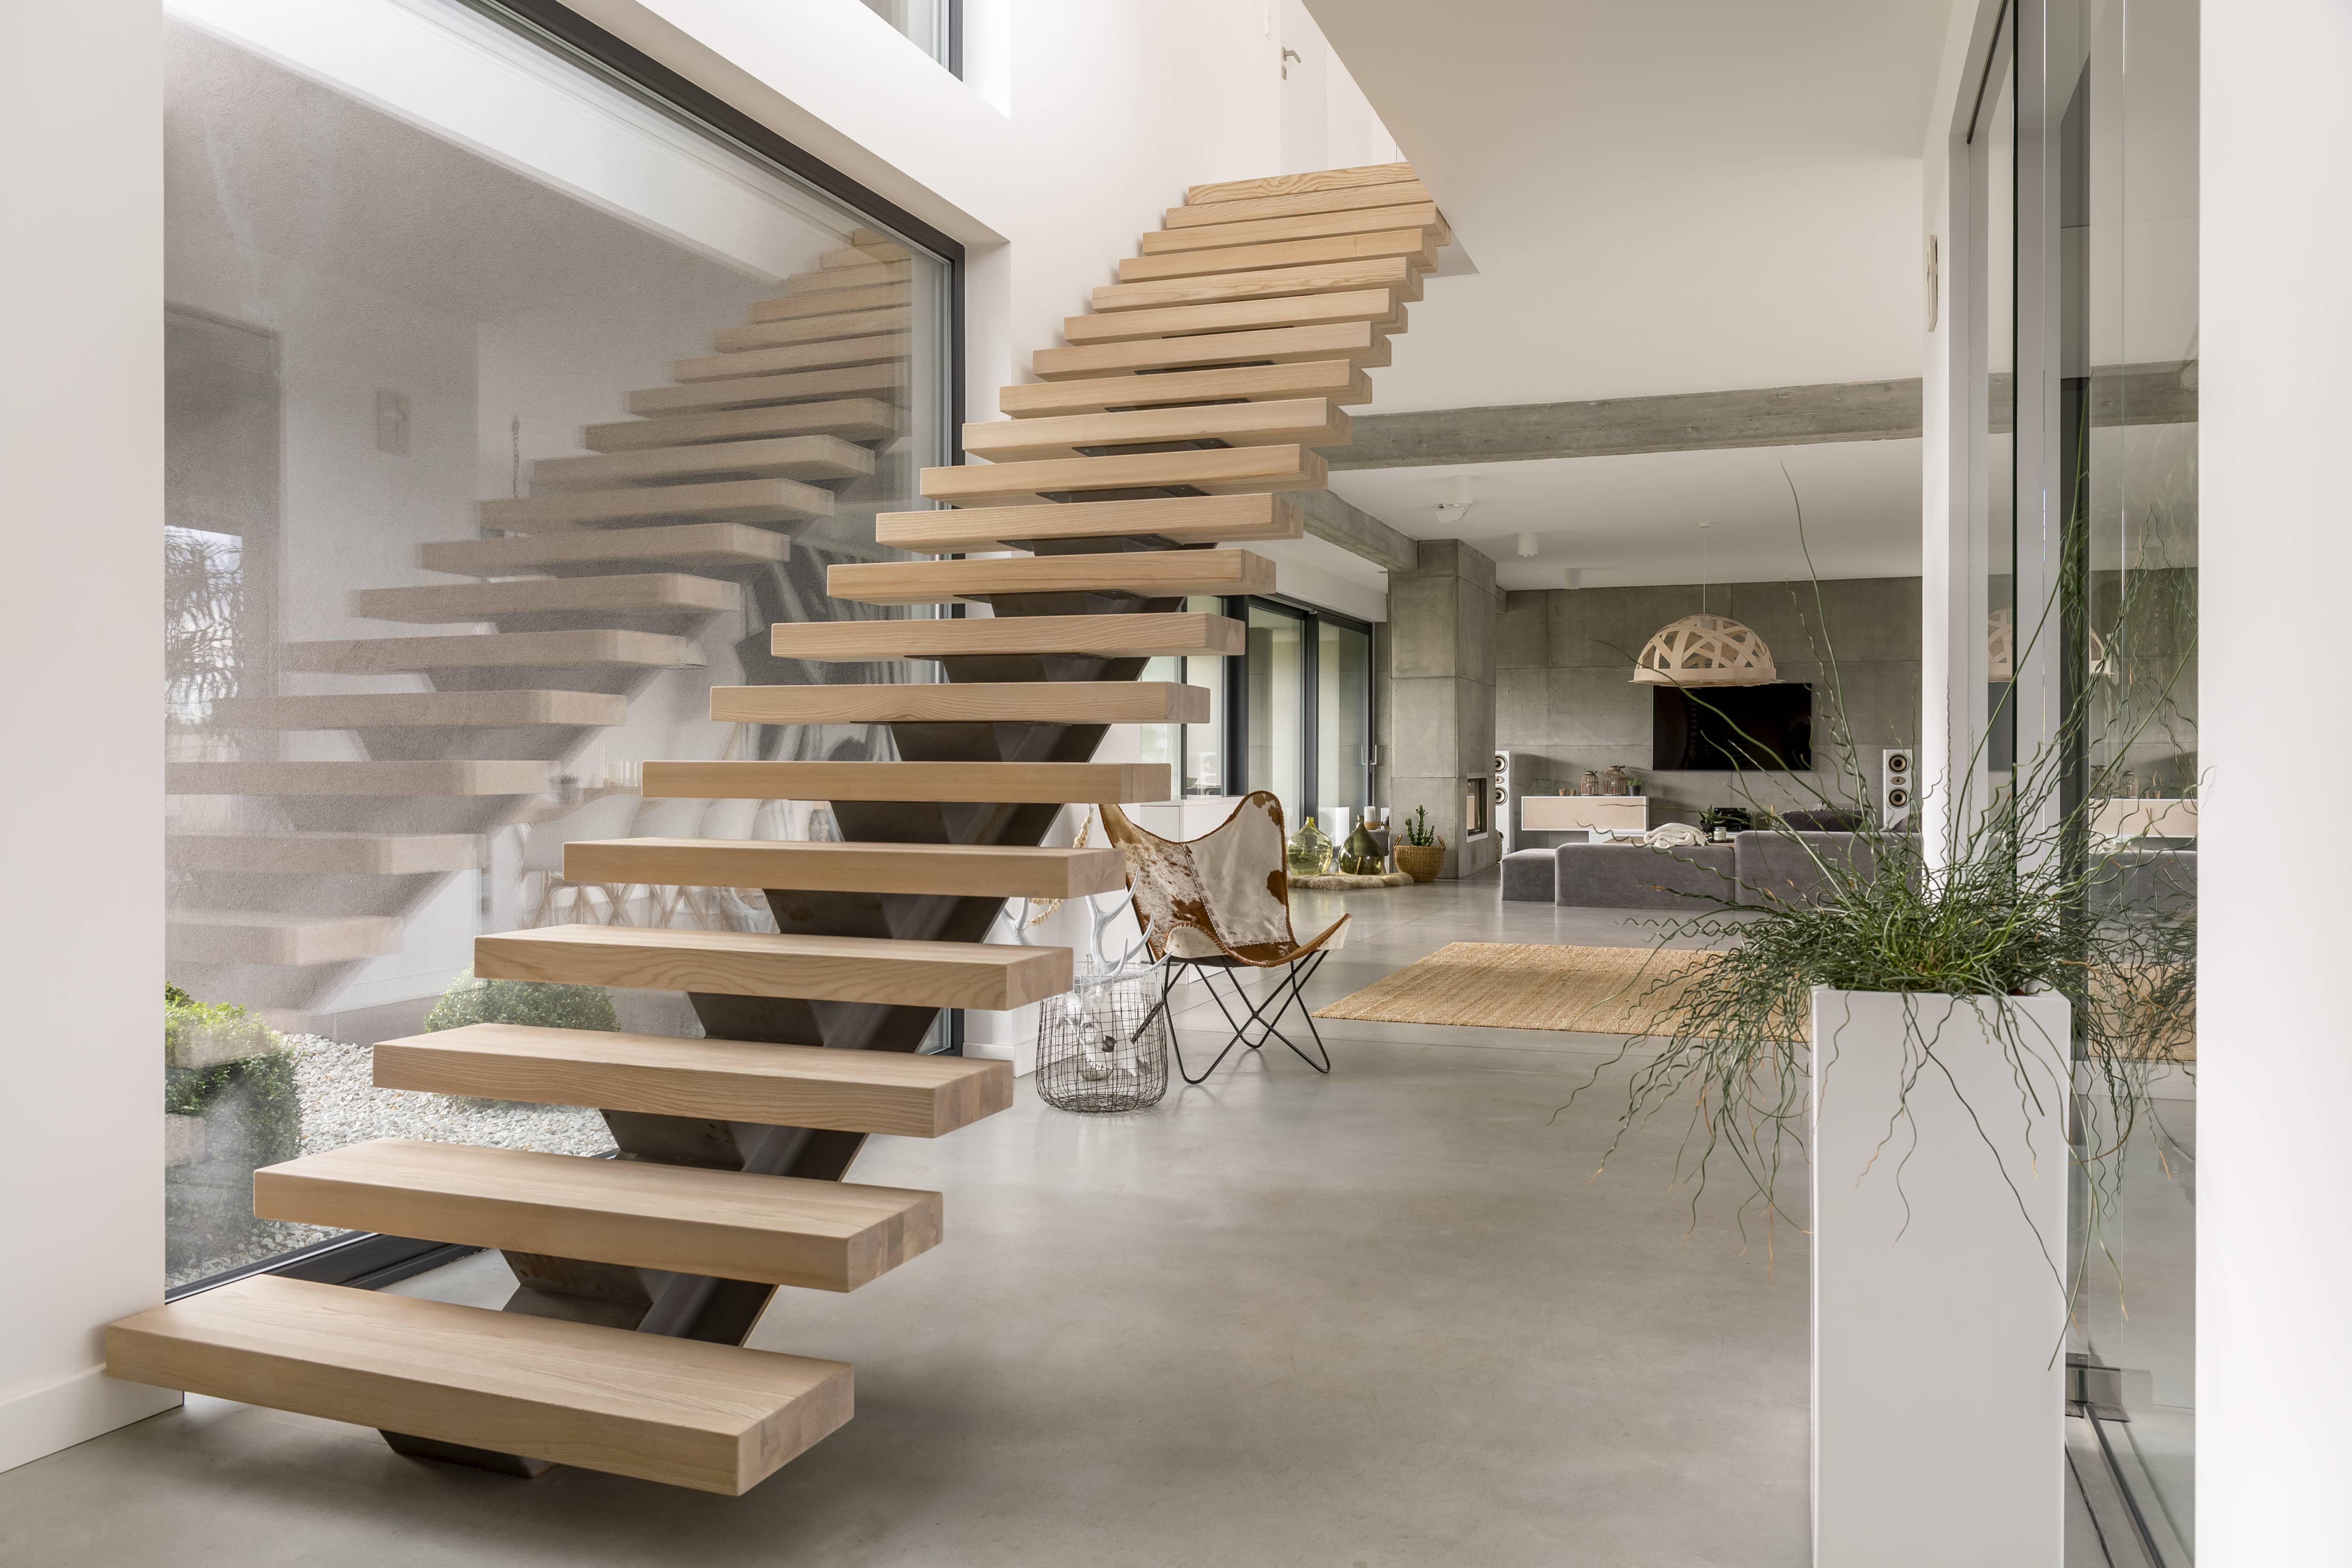 Ideal-Volet-choisir-un-escalier-en-5-etapes (1)